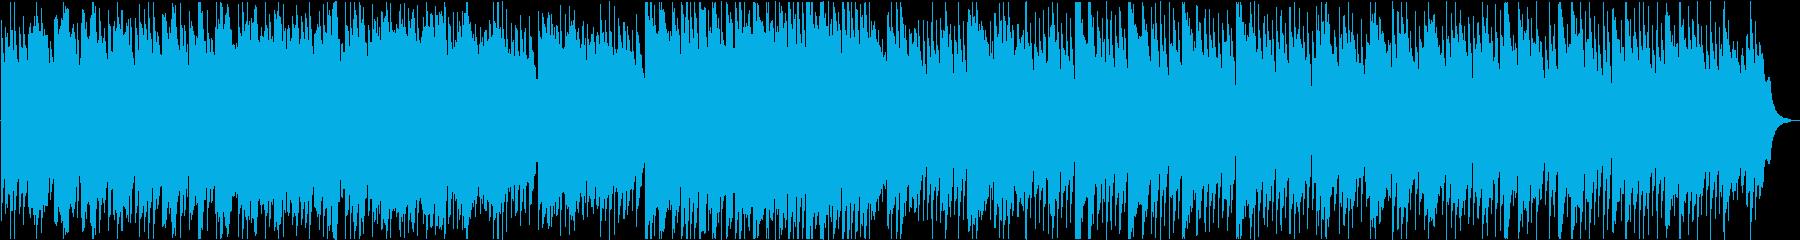 優しいハープのヒーリング曲の再生済みの波形